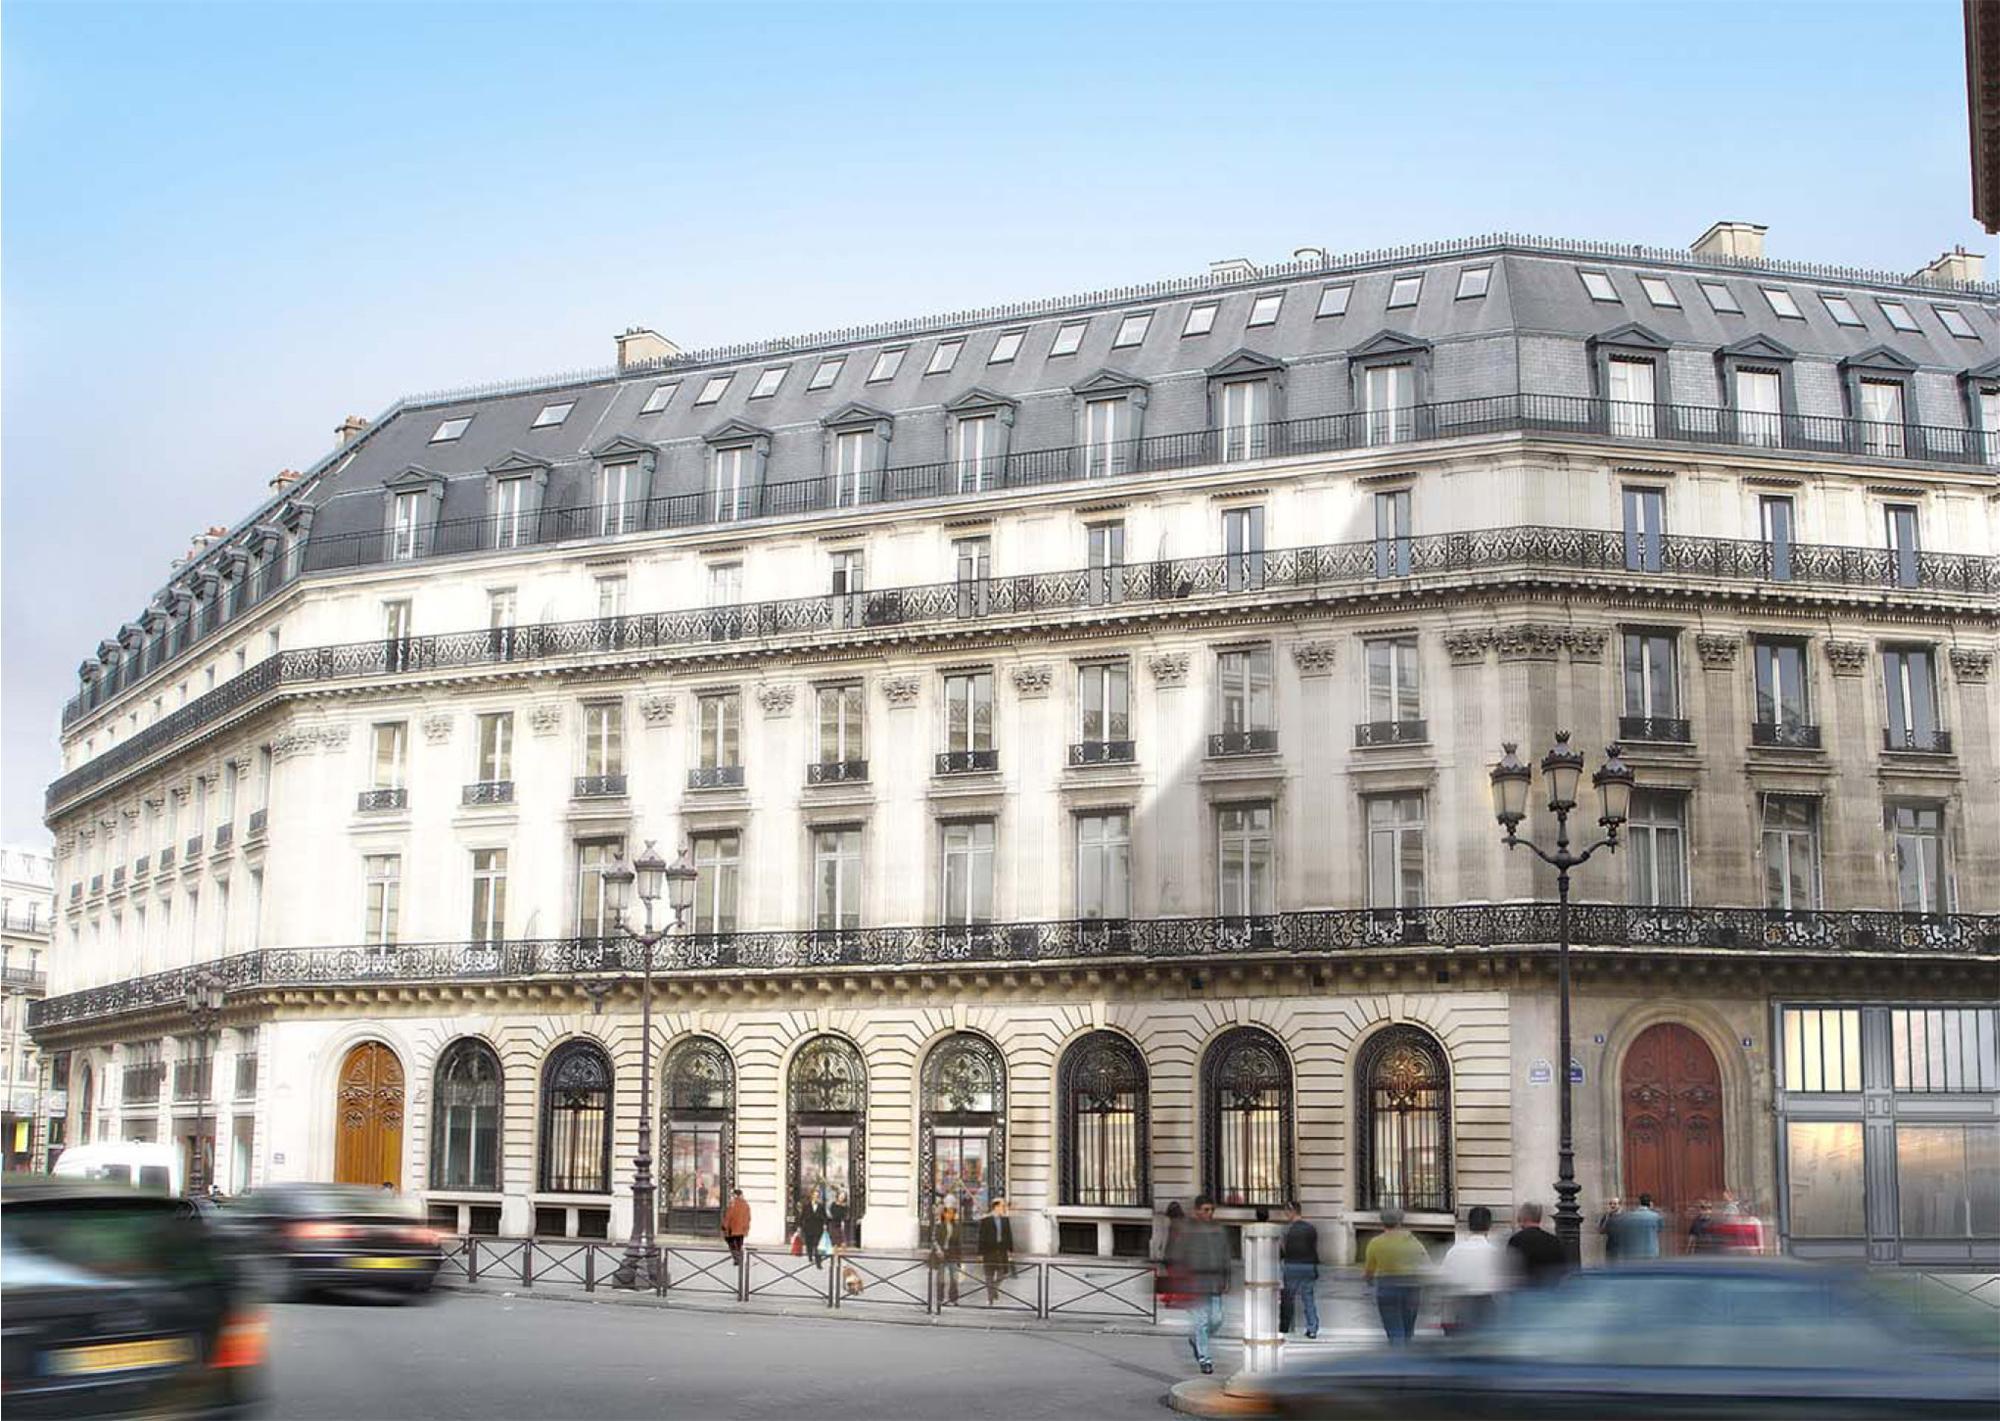 W Paris exterior